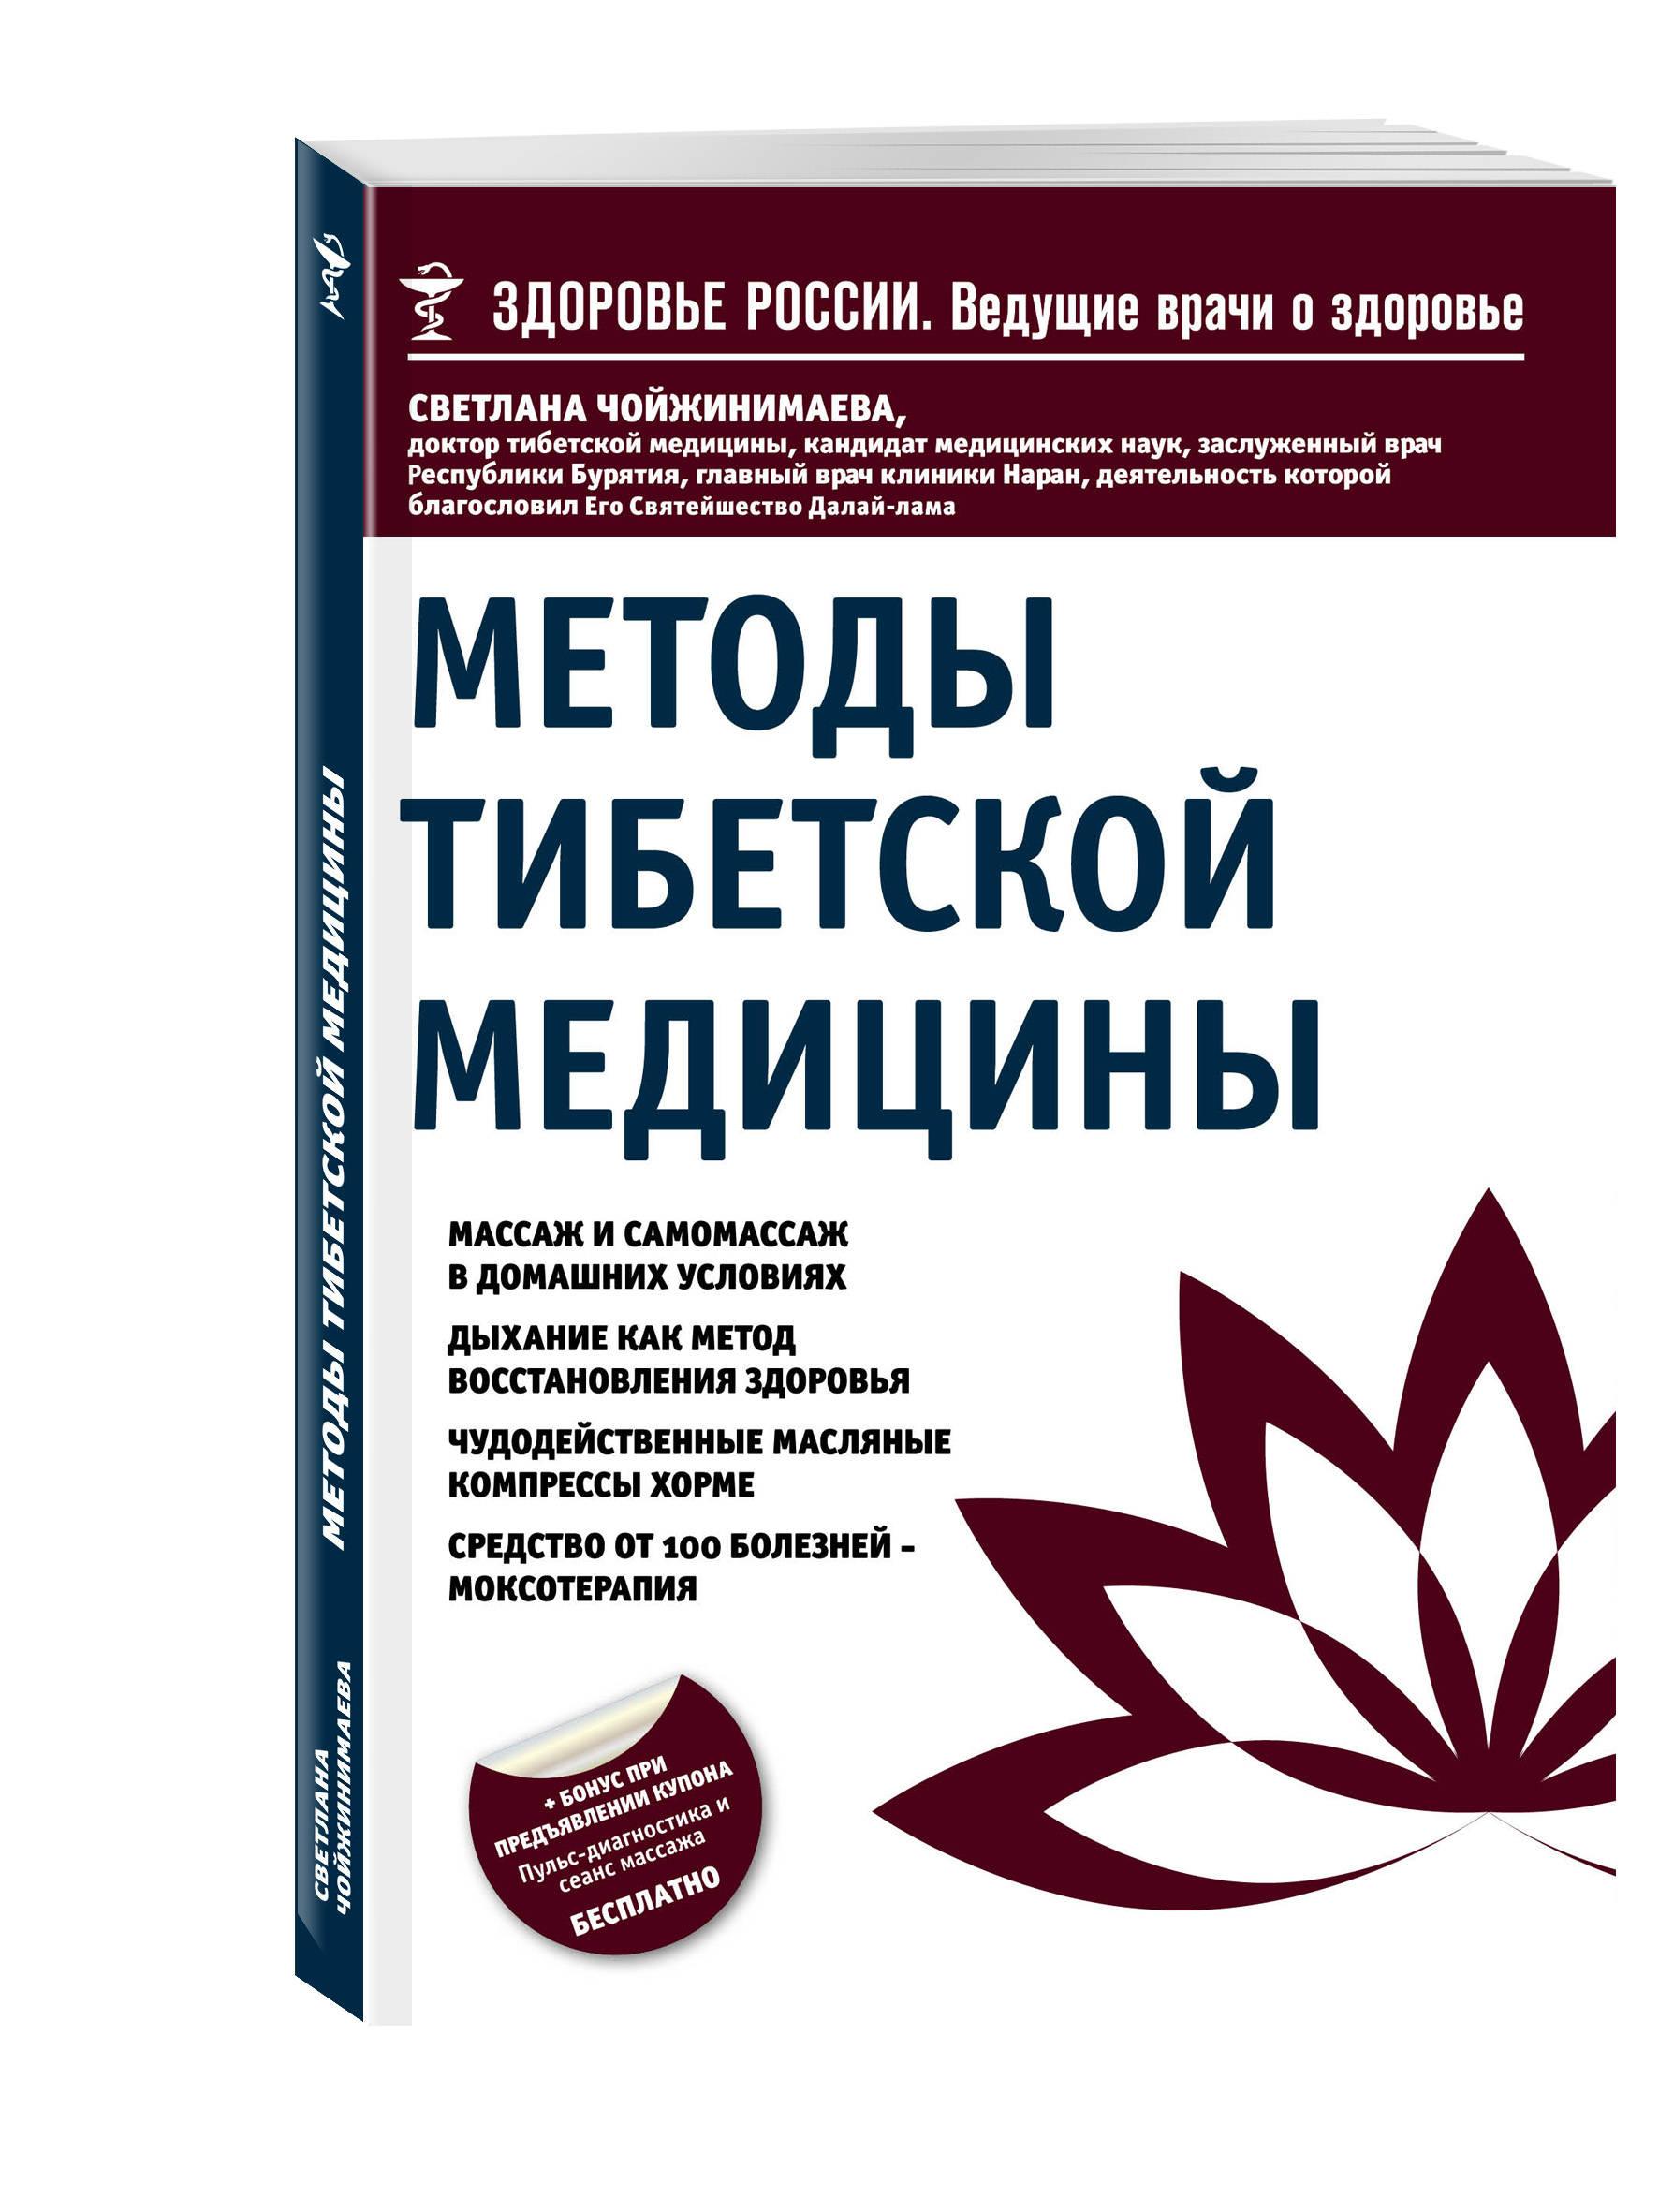 Методы тибетской медицины от book24.ru